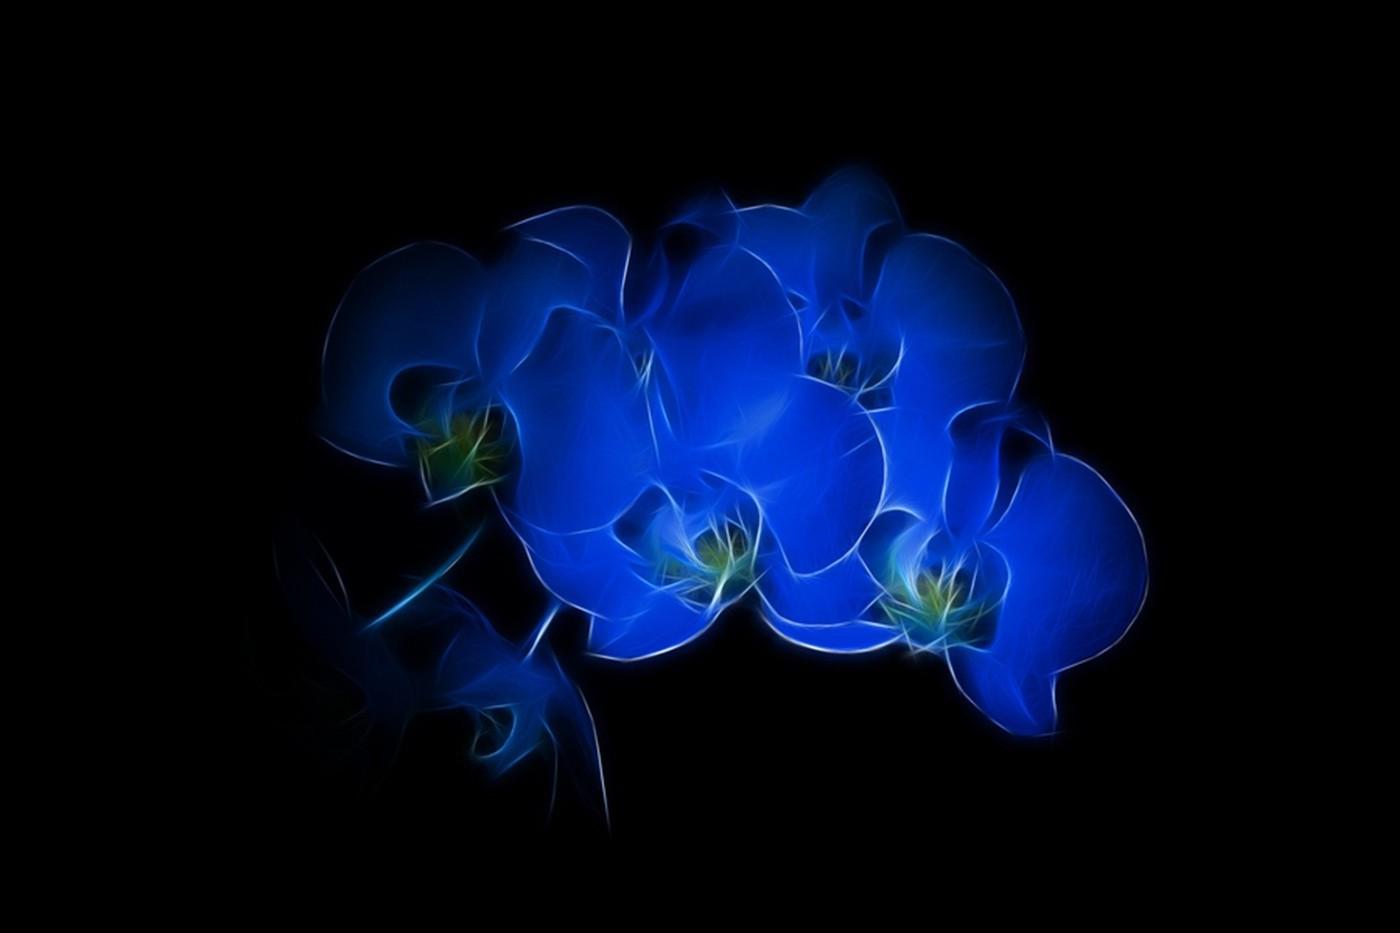 Fondos De Pantalla 1400x933 Px Fondo Negro Flores Azules